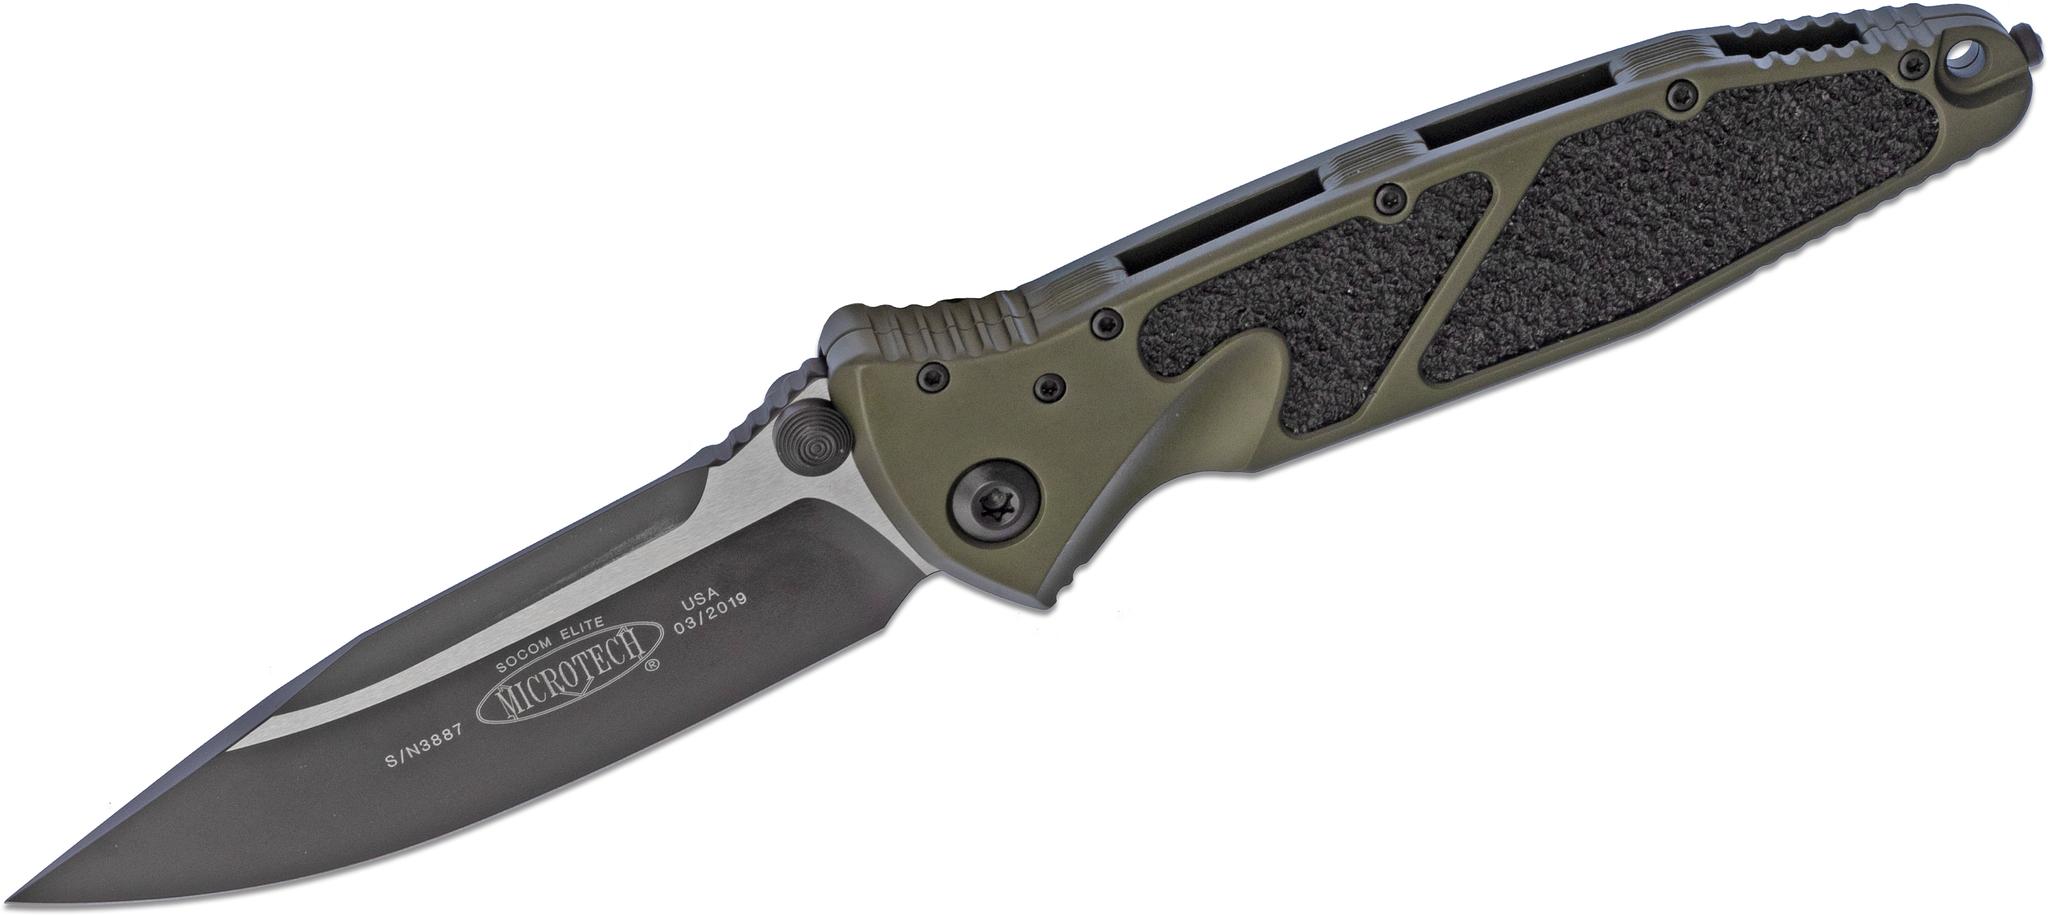 Складной нож Microtech SOCOM ELITE, сталь CTS-204P, рукоять зеленый алюминий